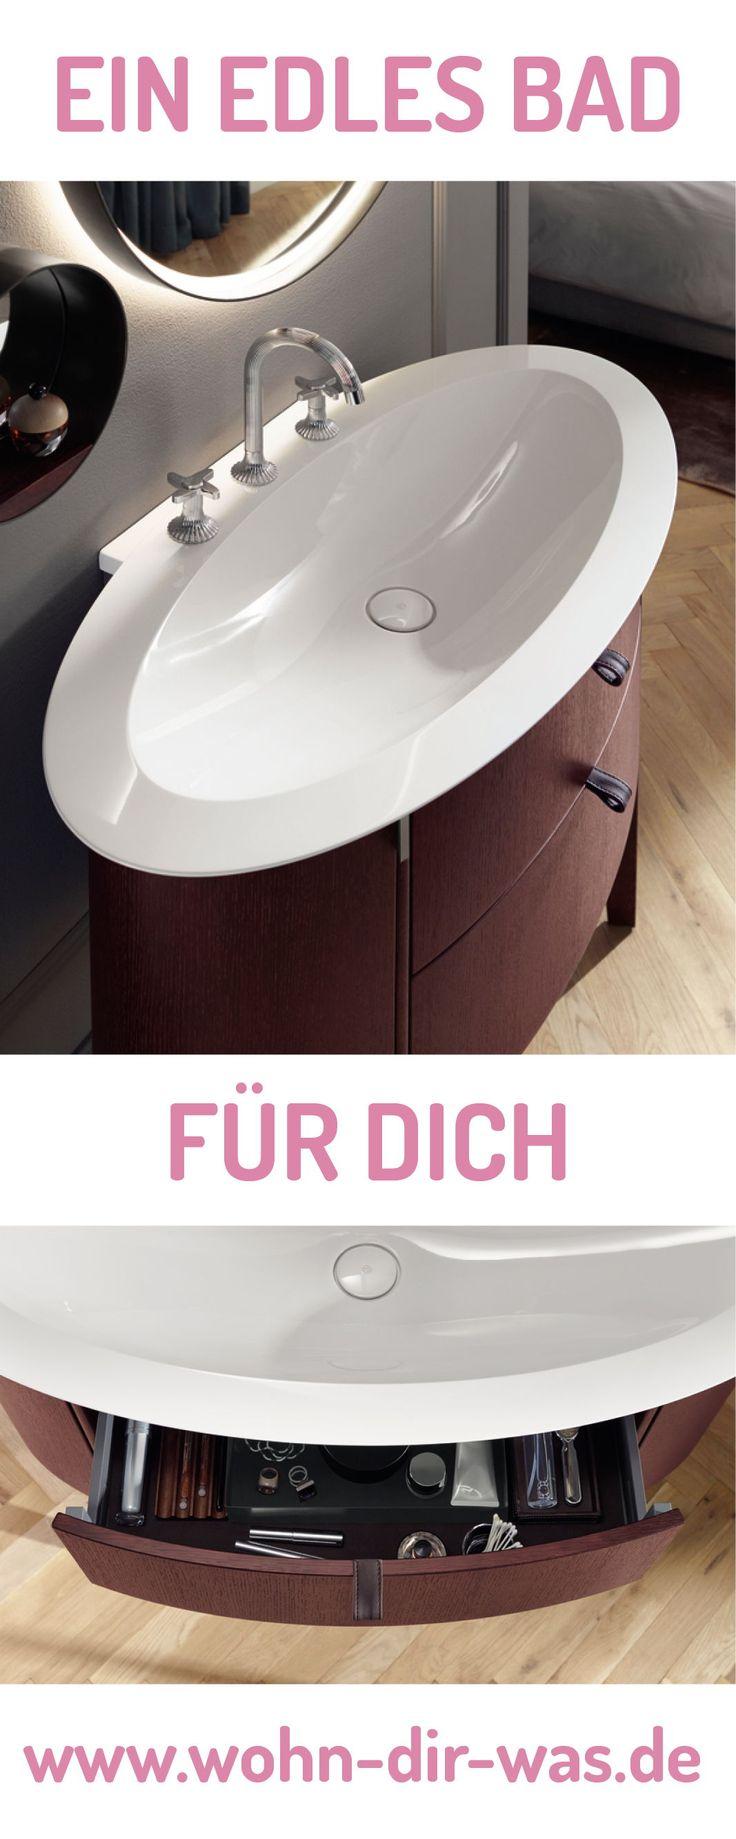 Dunkle Brauntöne kontrastieren sehr gut mit hellweißer Badausstattung. So bekommt dein Bad ein spannendes Aussehen und wirkt jeden Tag frisch. Lass dich von weiteren Badideen inspirieren: www.wohn-dir-was.de  Bildmaterial: (c) Burgbad